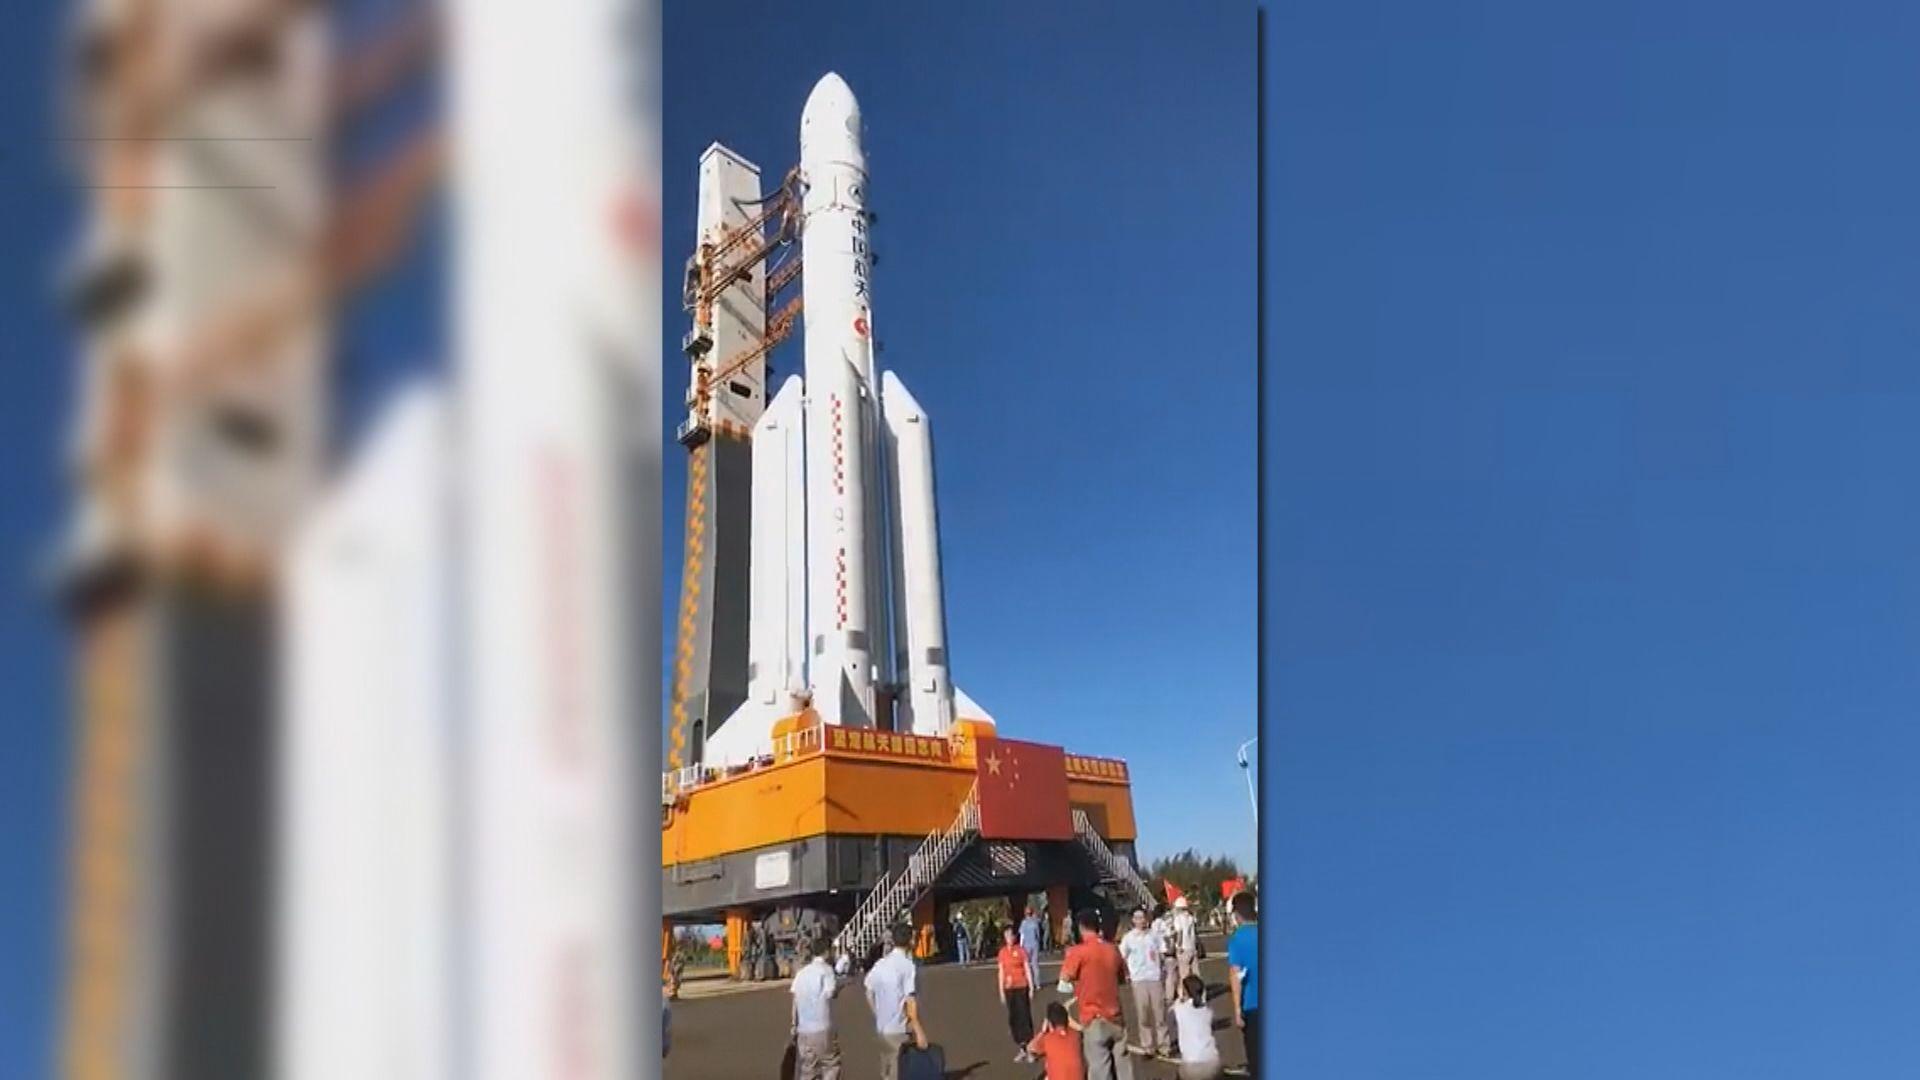 長征五號遙四運載火箭垂直轉運至發射區